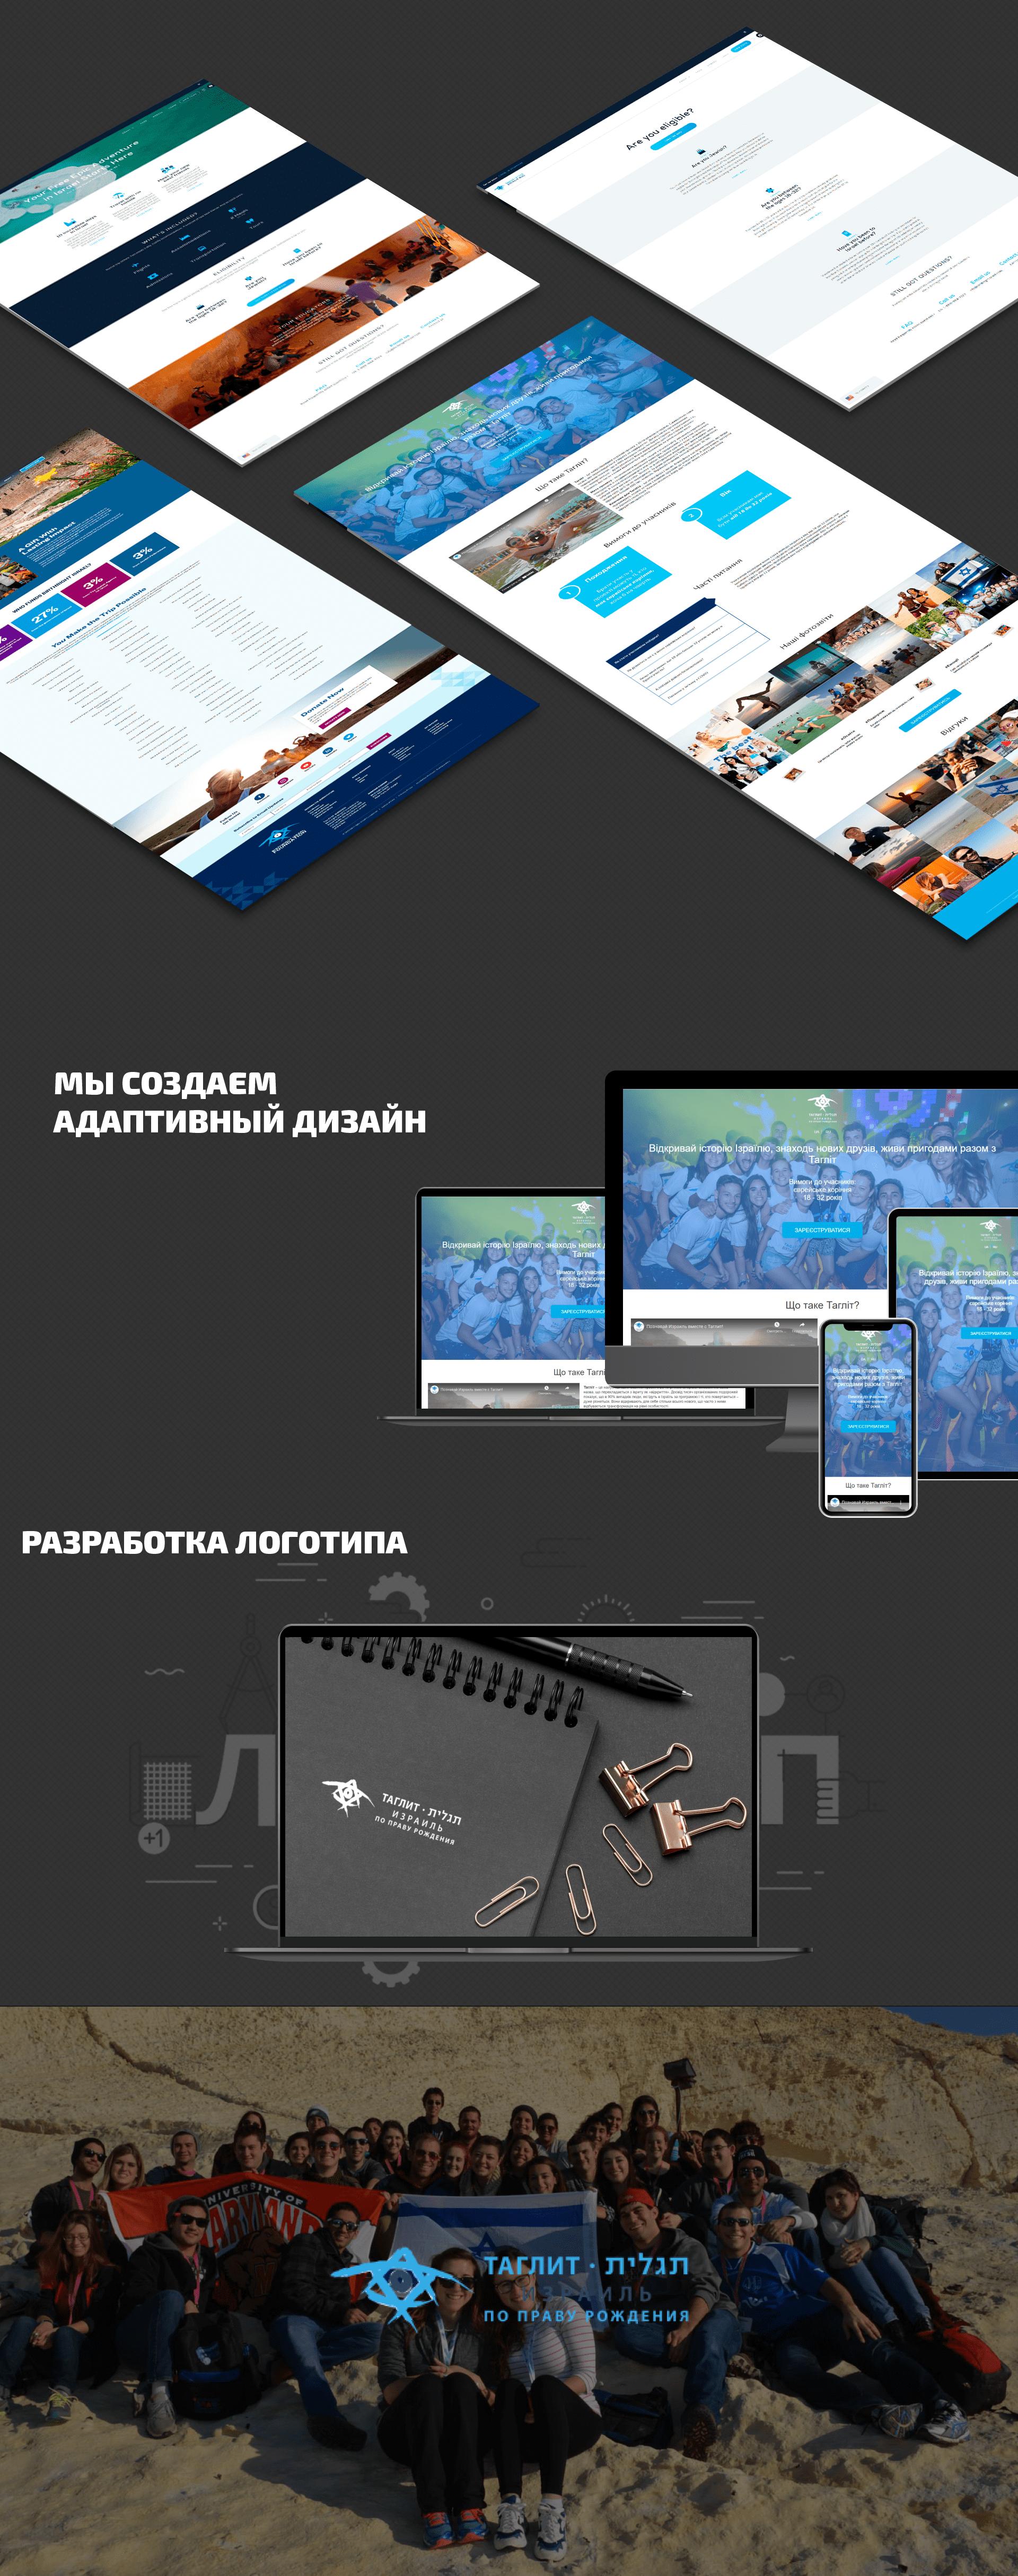 Сайт проекта Таглит в Украине